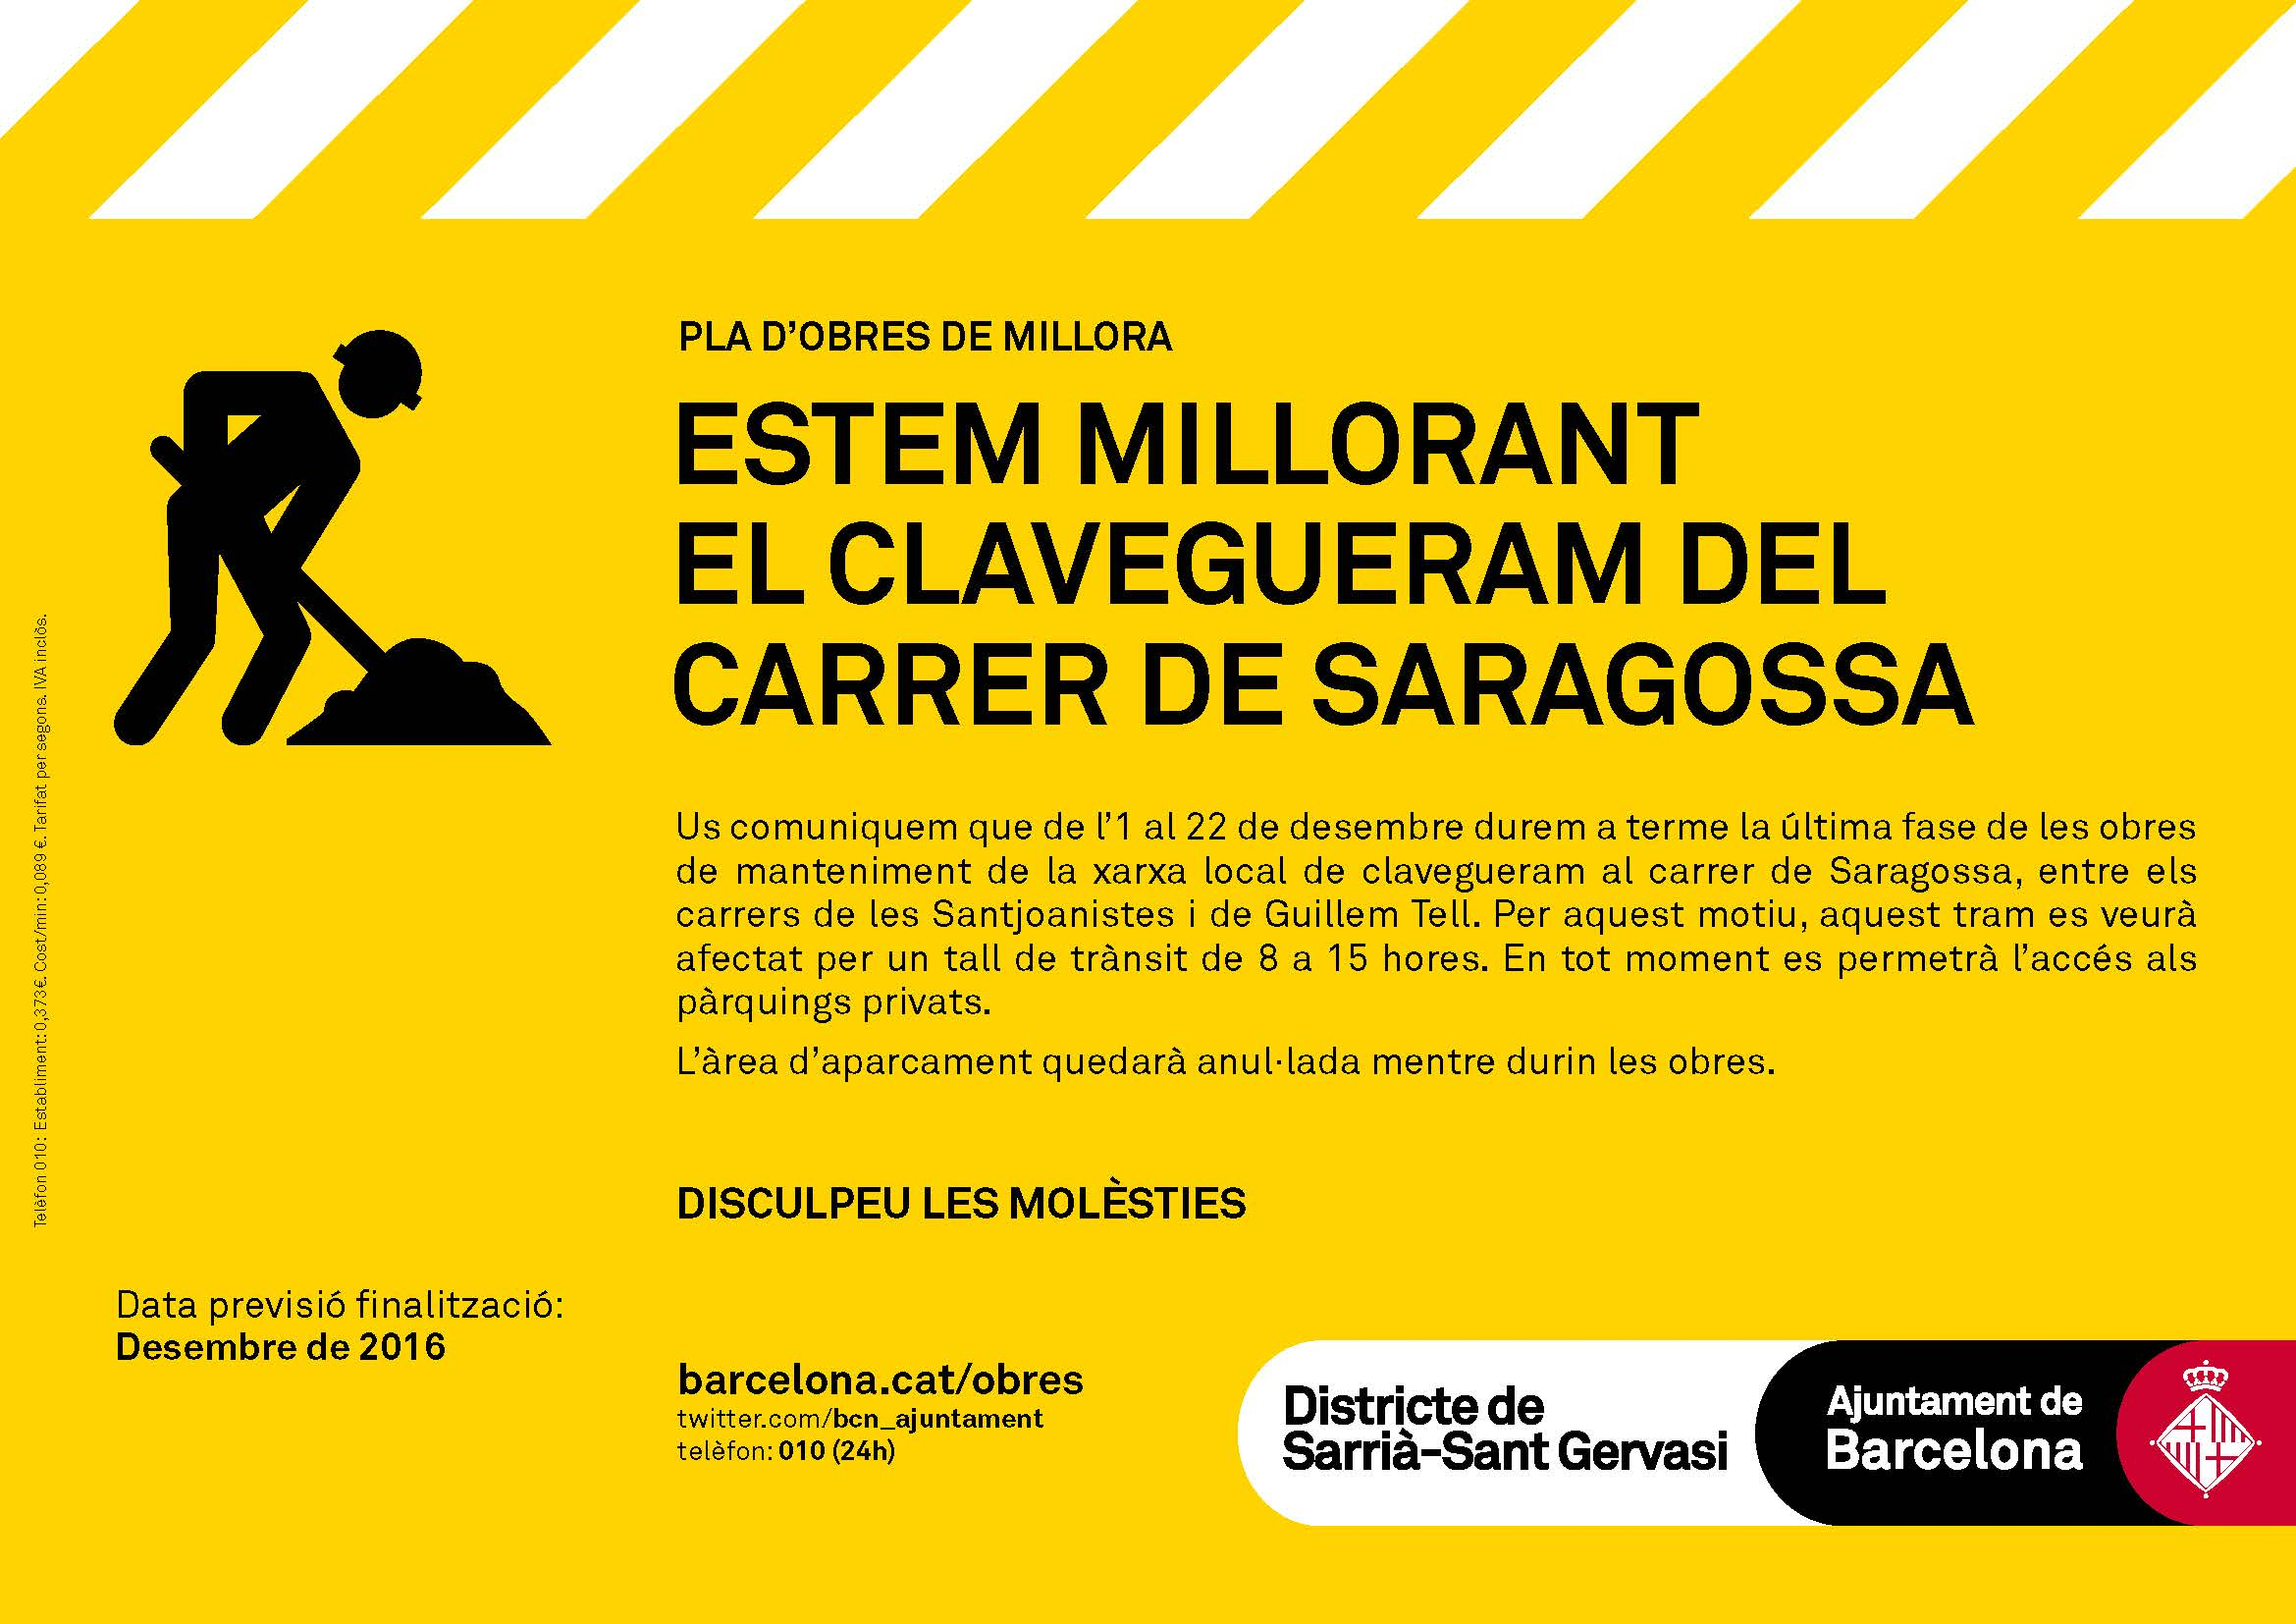 05ac41a9f123 Estem millorant el clavegueram del carrer de Saragossa | Mobilitat i  transports